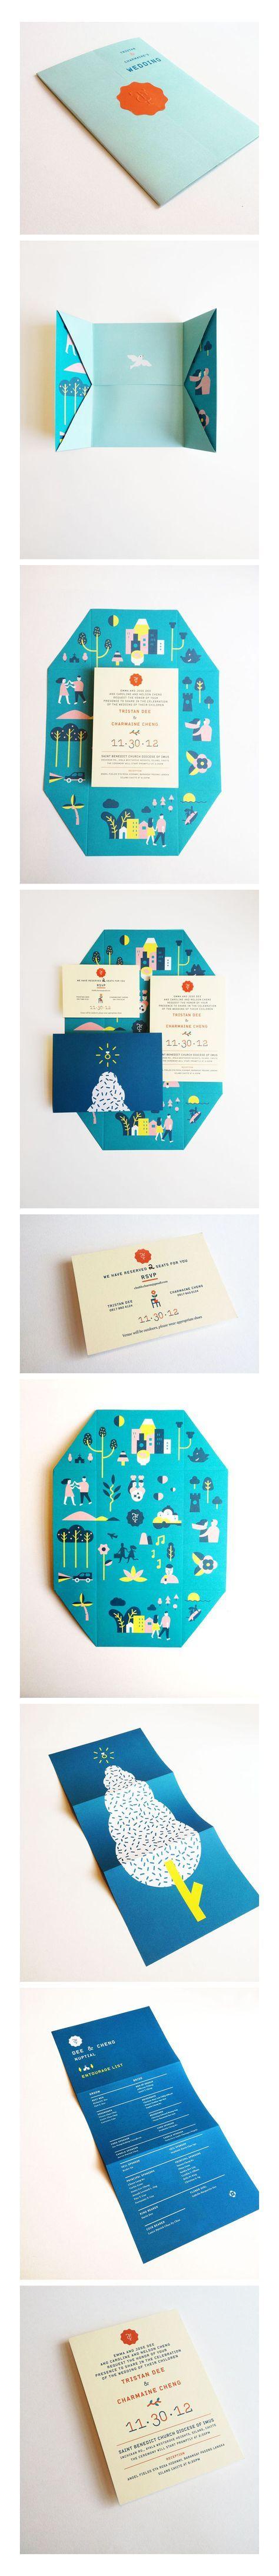 """ideas  preciosas  para invitaciones de boda, descarga diseños gratis desde <a href=""""http://www.invitacionesdebodagratis.com"""" rel=""""nofollow"""" target=""""_blank"""">www.invitacionesd...</a>"""